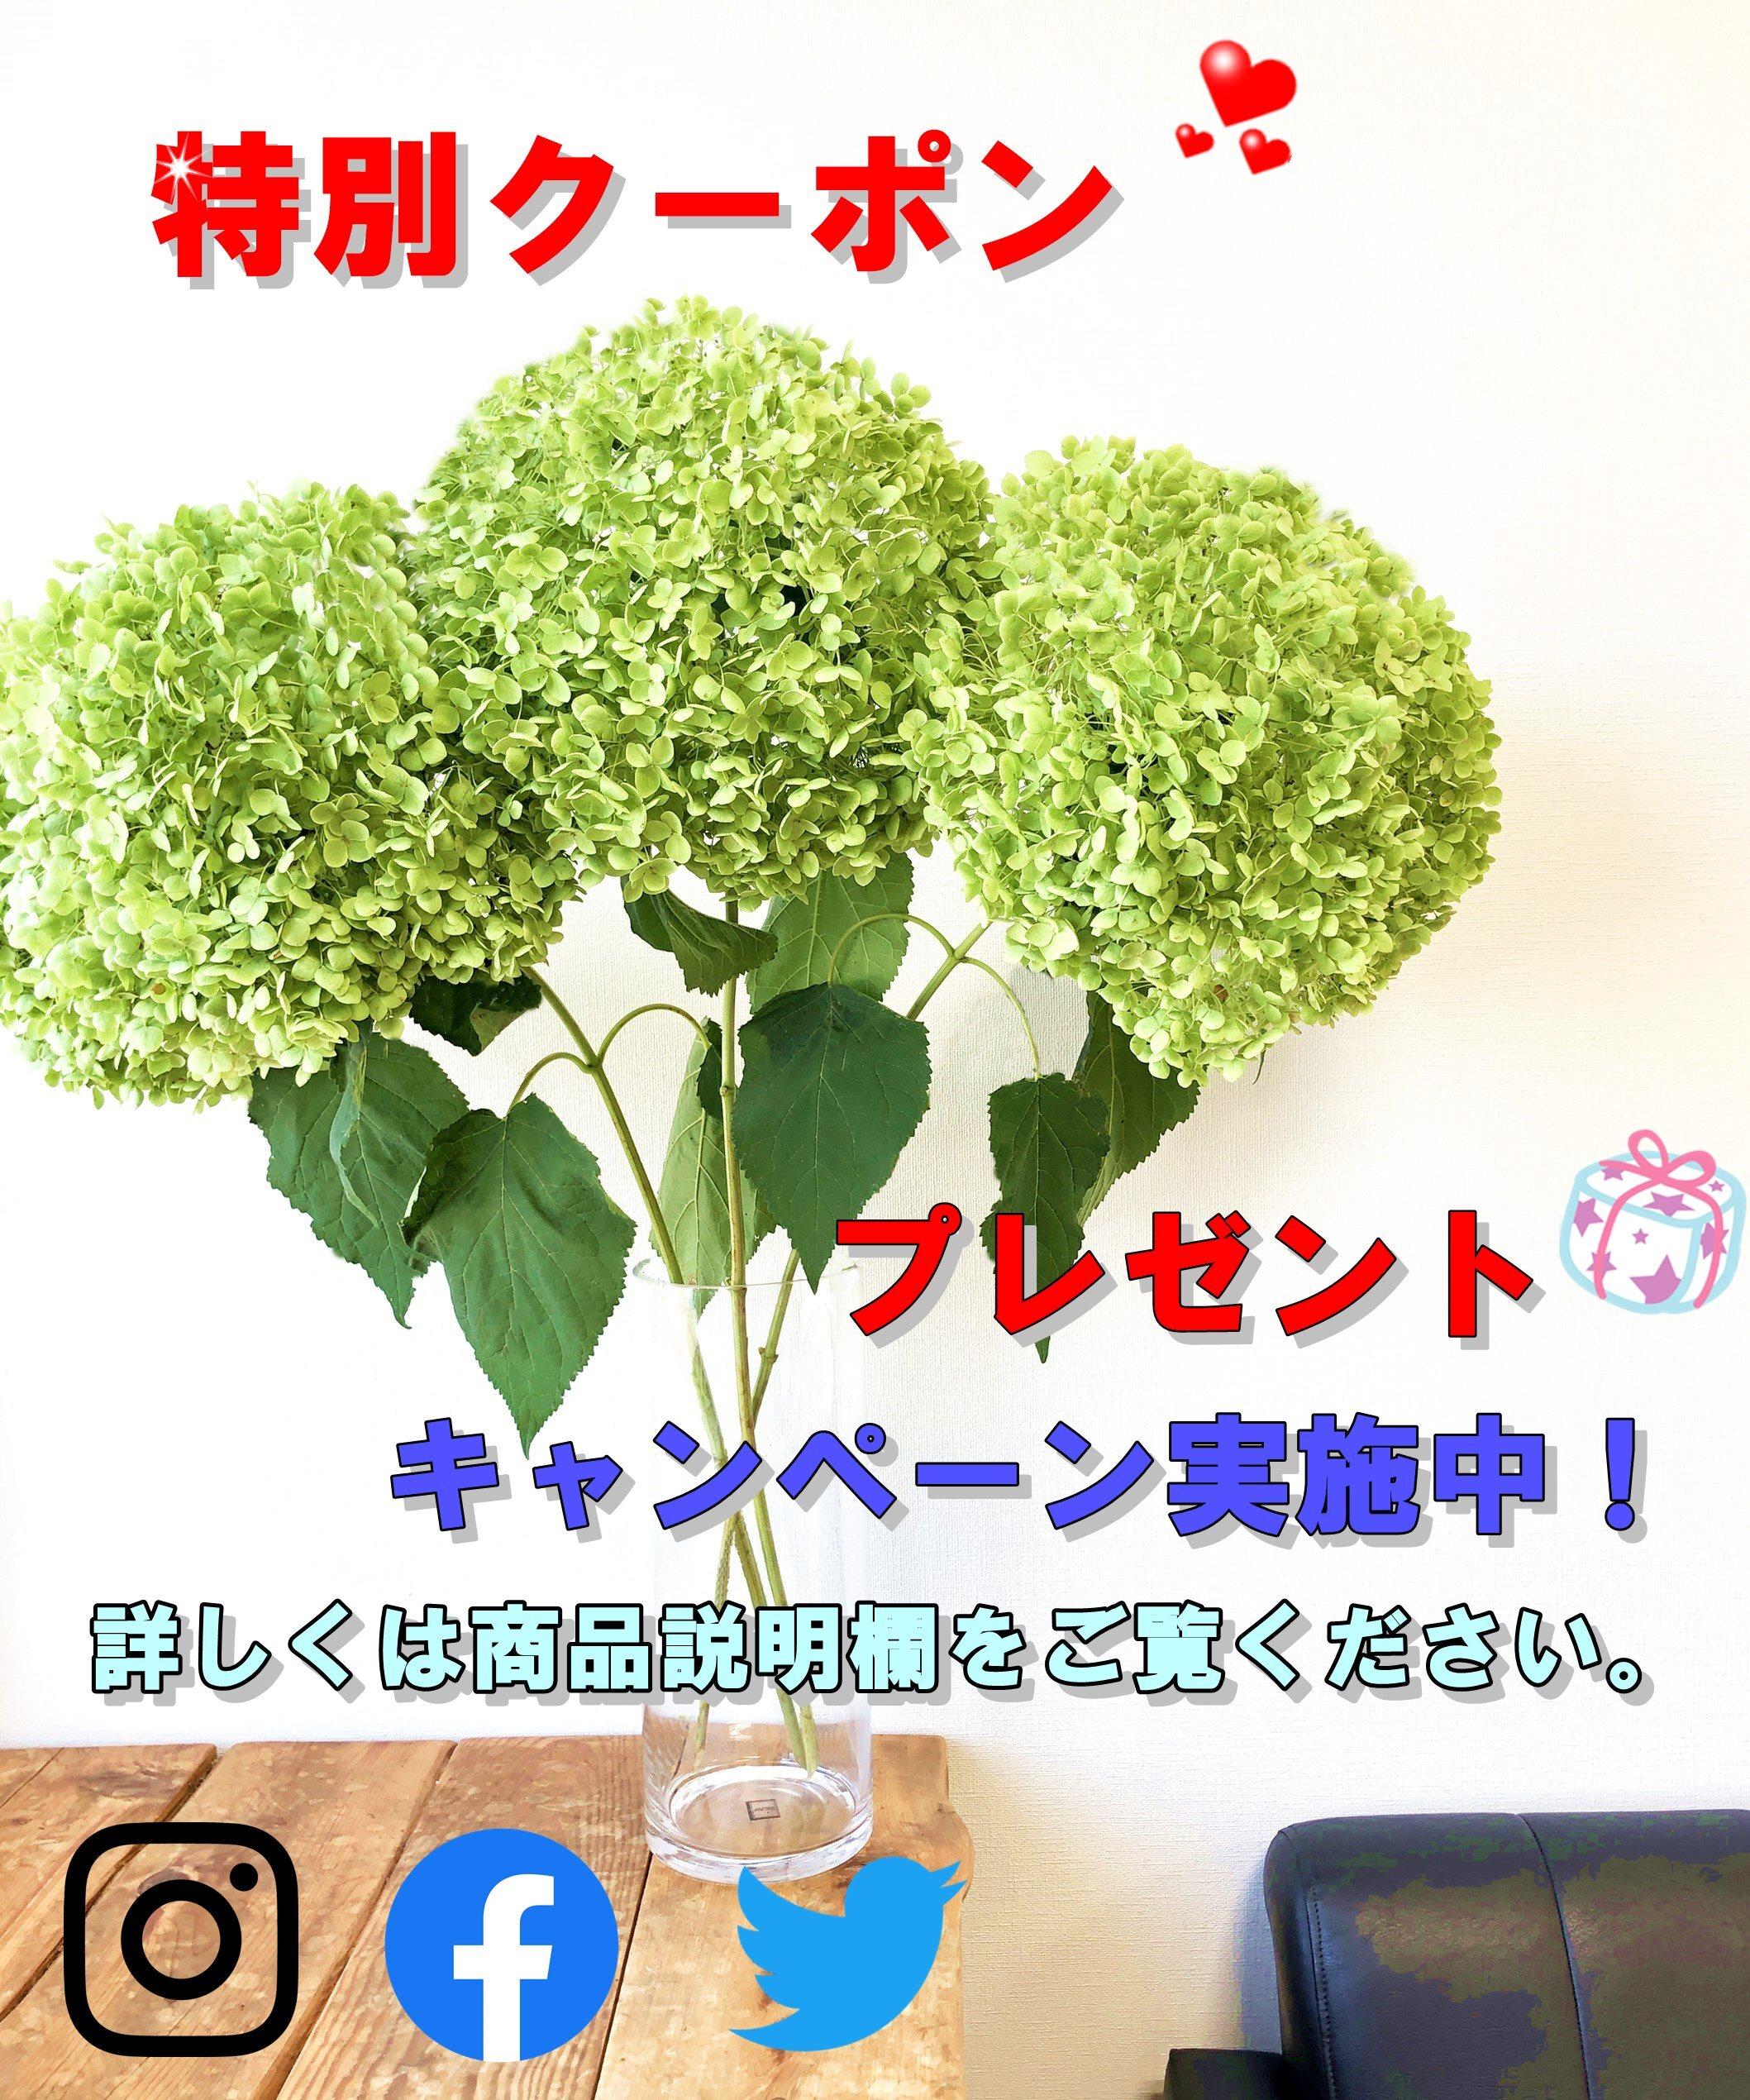 特別クーポン プレゼントキャンペーン実施中!